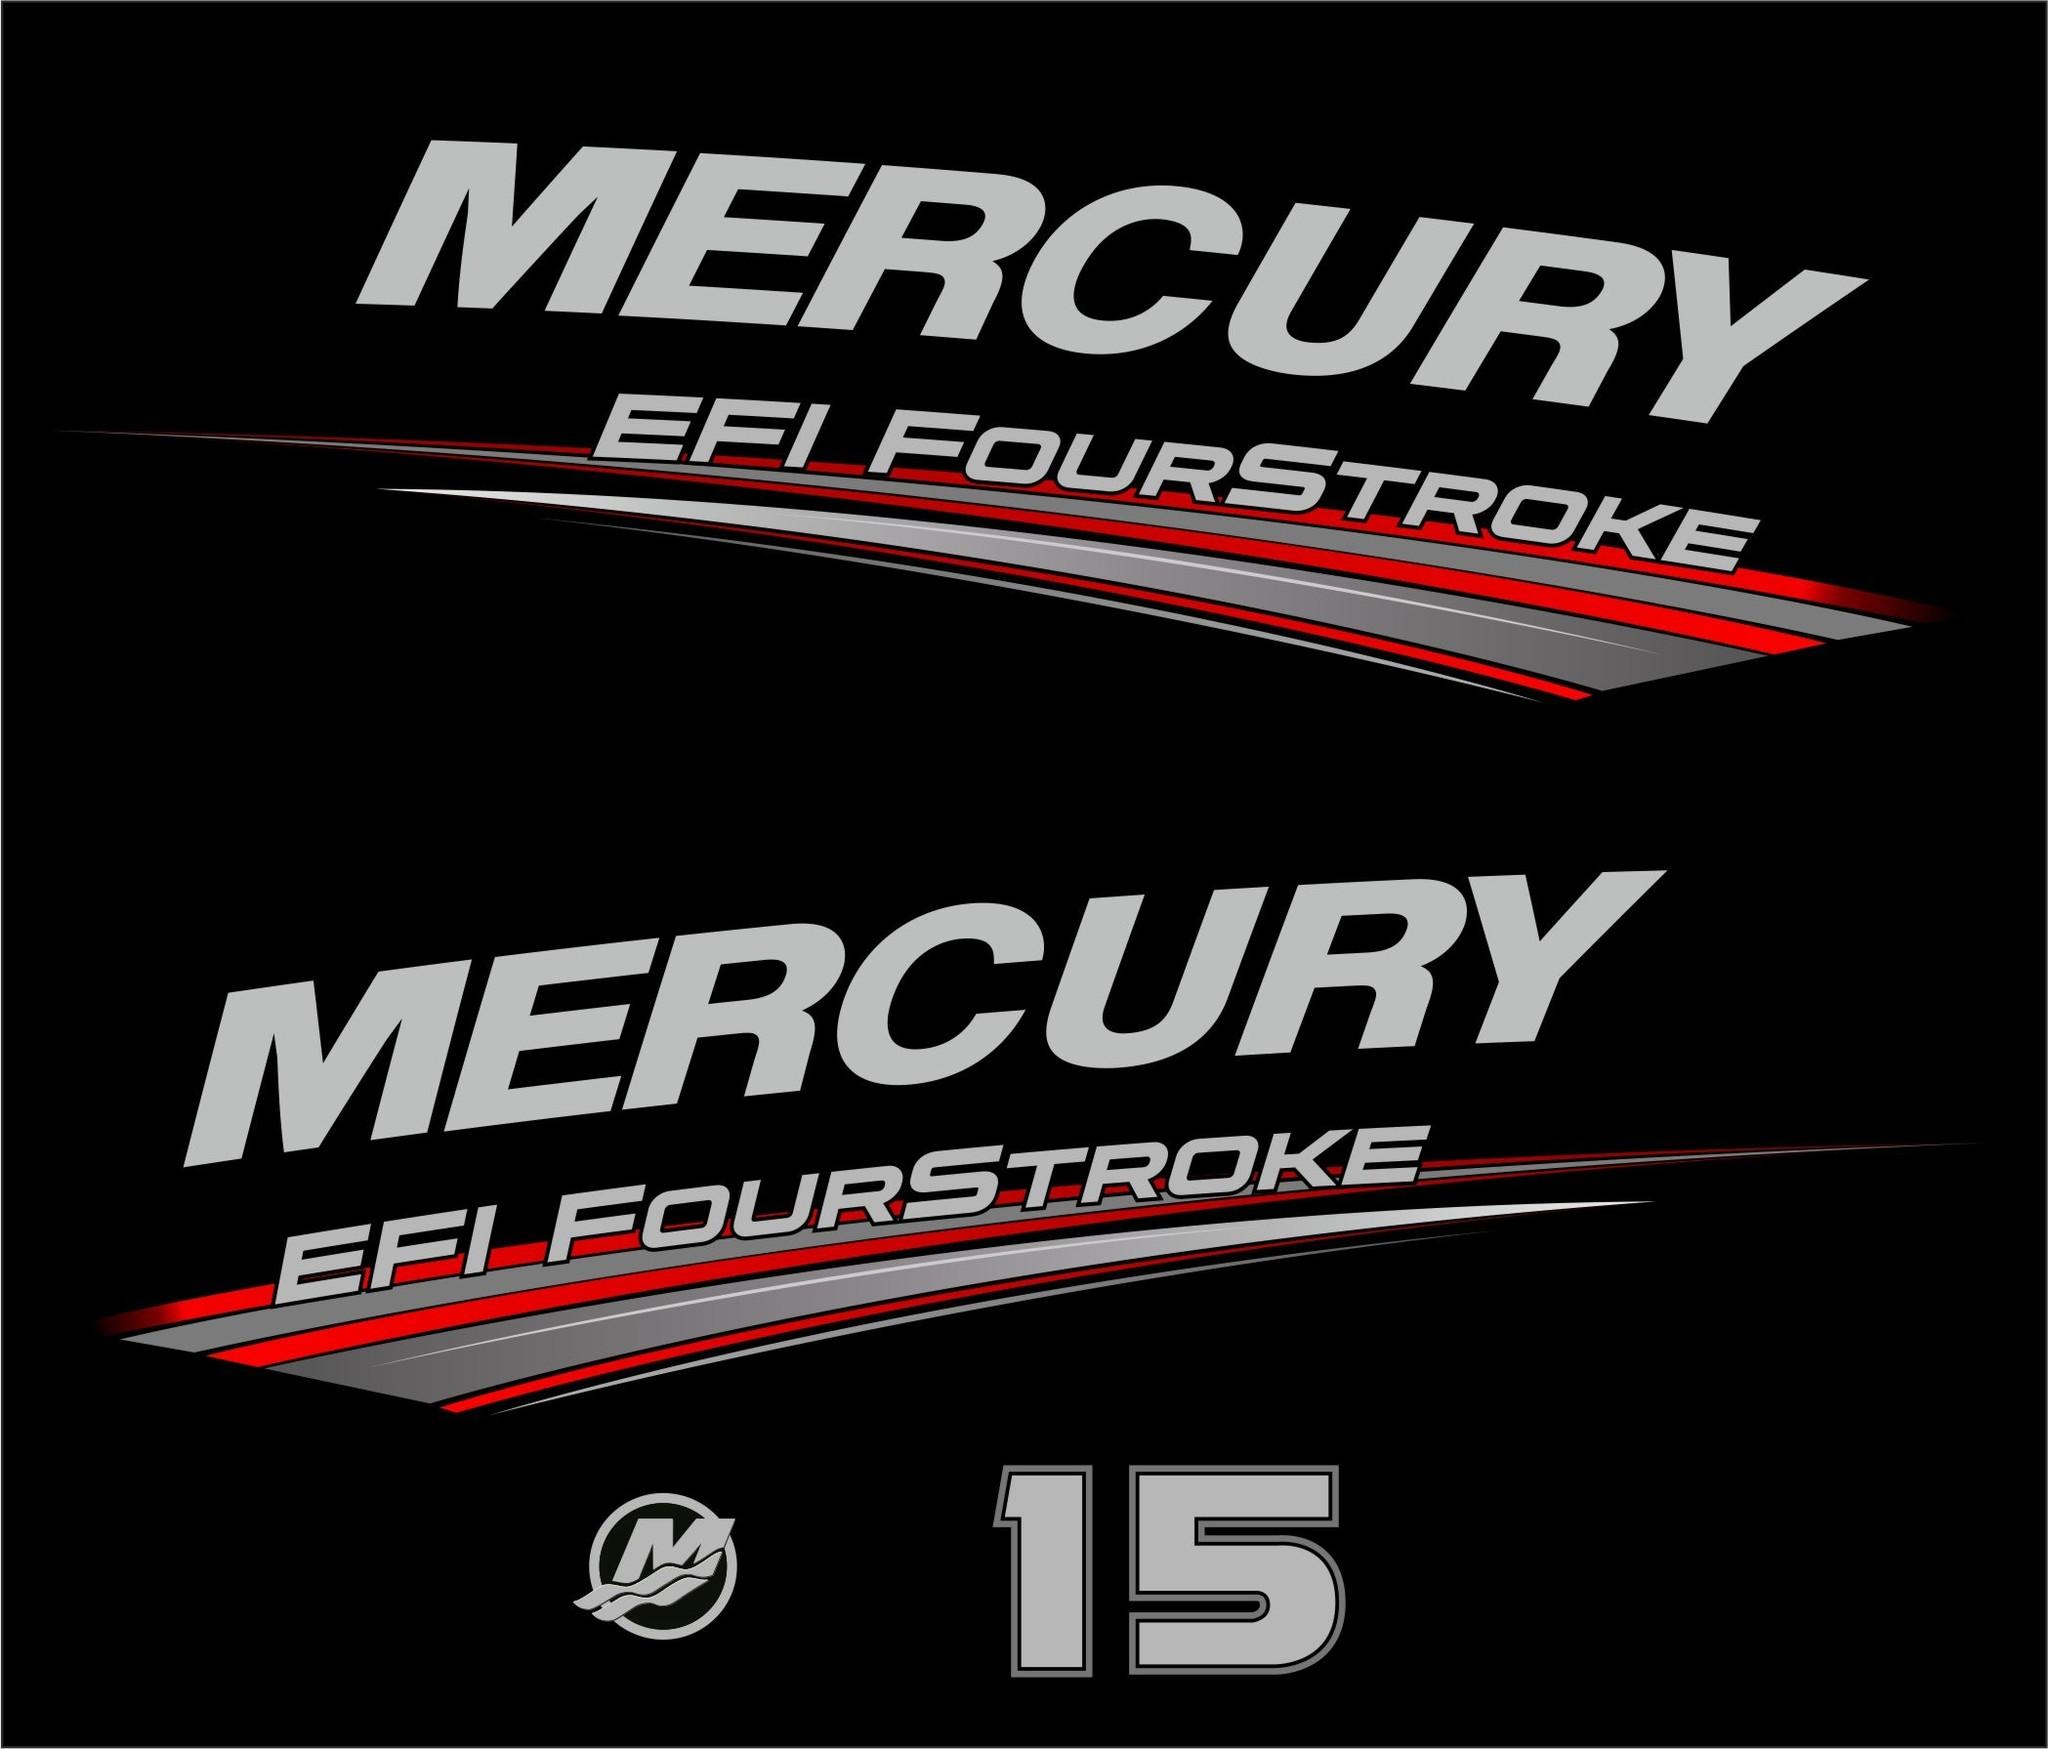 Mercury 15 PK EFI fourstroke bouwjaar 2019 sticker set